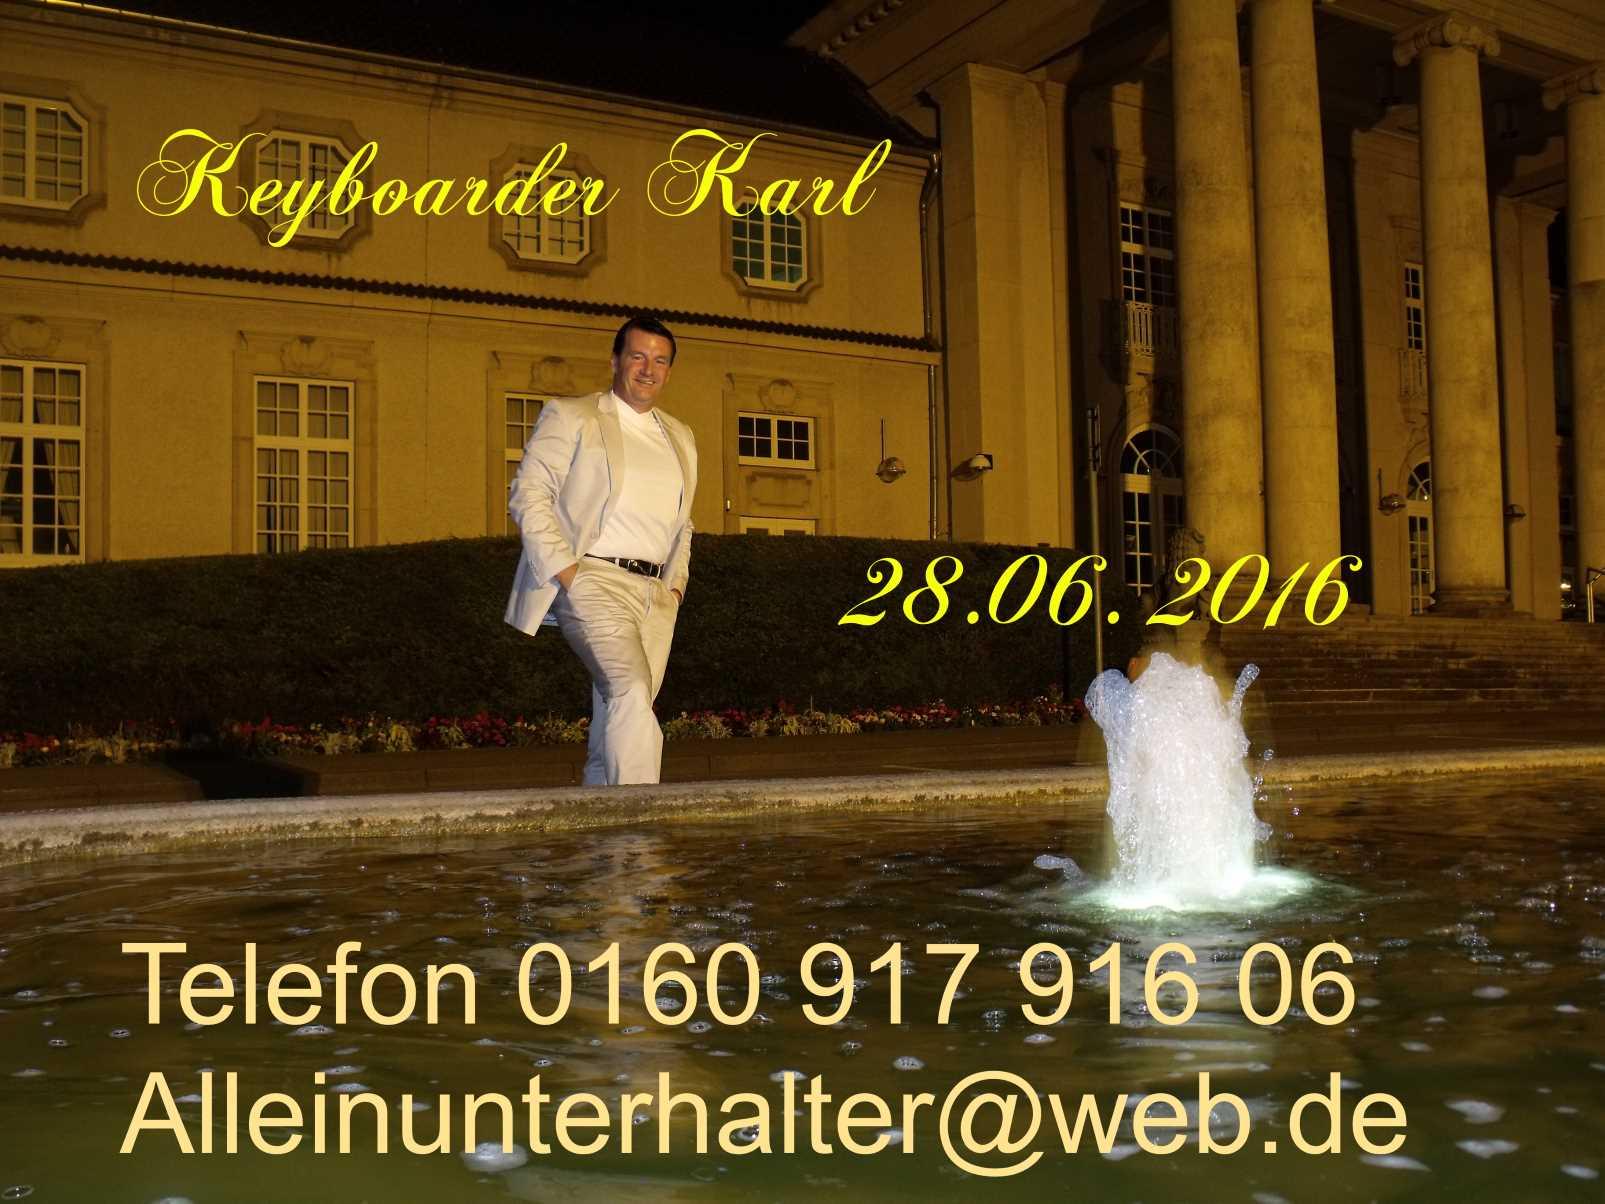 Hochzeit Geburtstag Stadtfest und Betriebs Fest Veranstalter vertrauen Keyboarder Karl